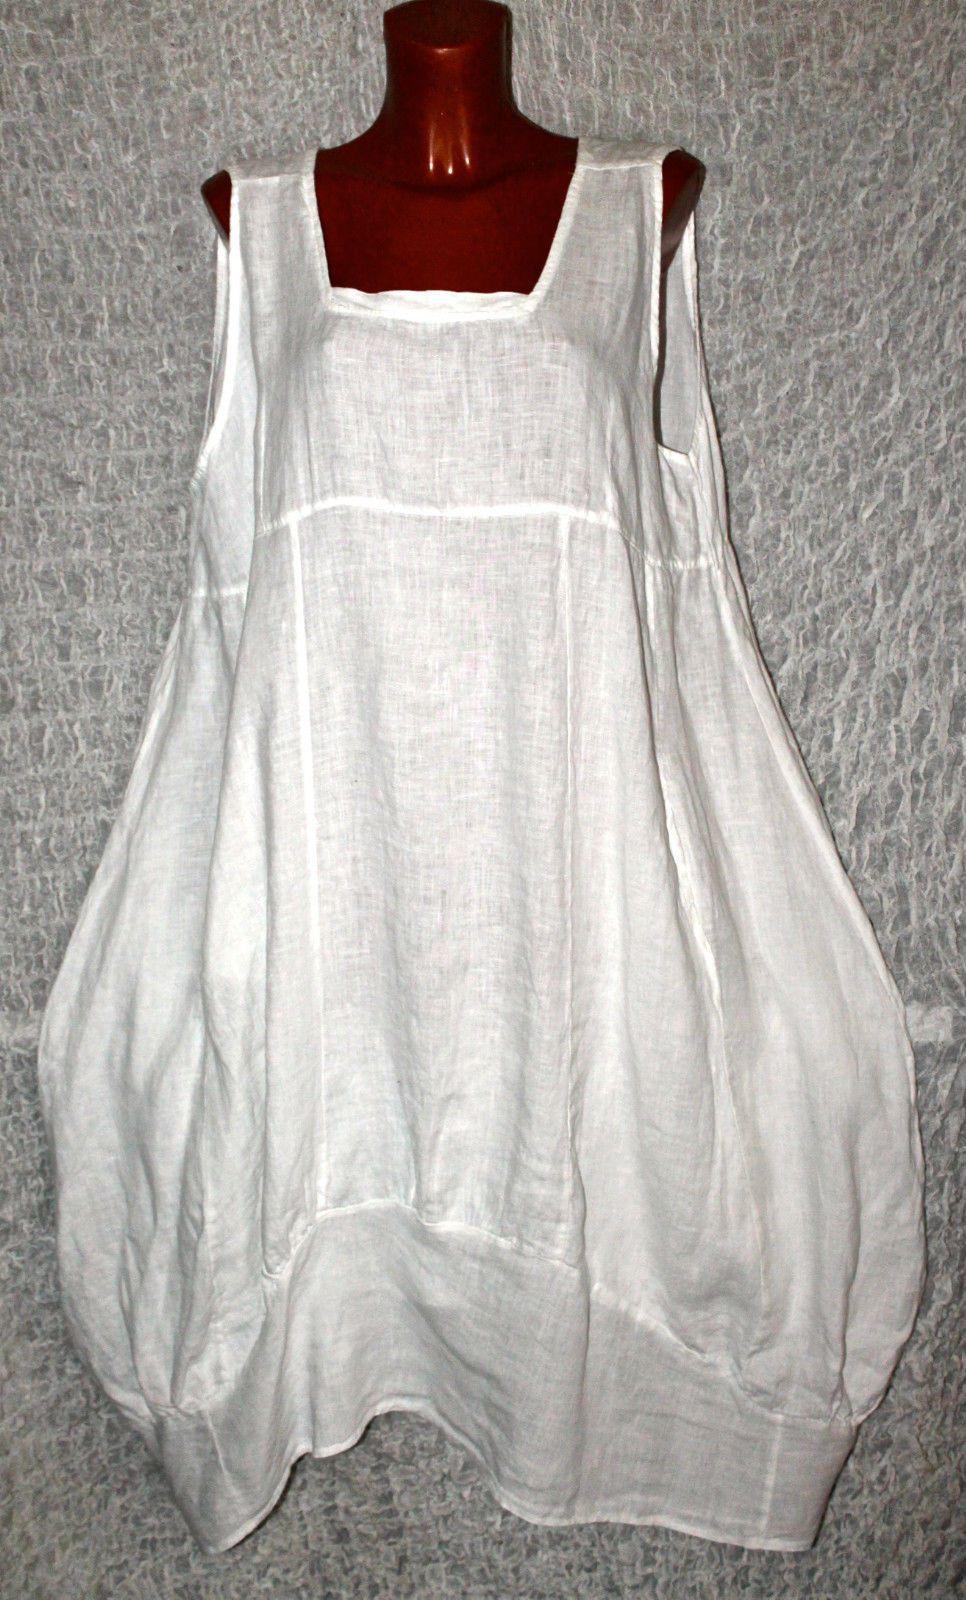 13 Schön Weißes Kleid Größe 50 Galerie13 Cool Weißes Kleid Größe 50 für 2019